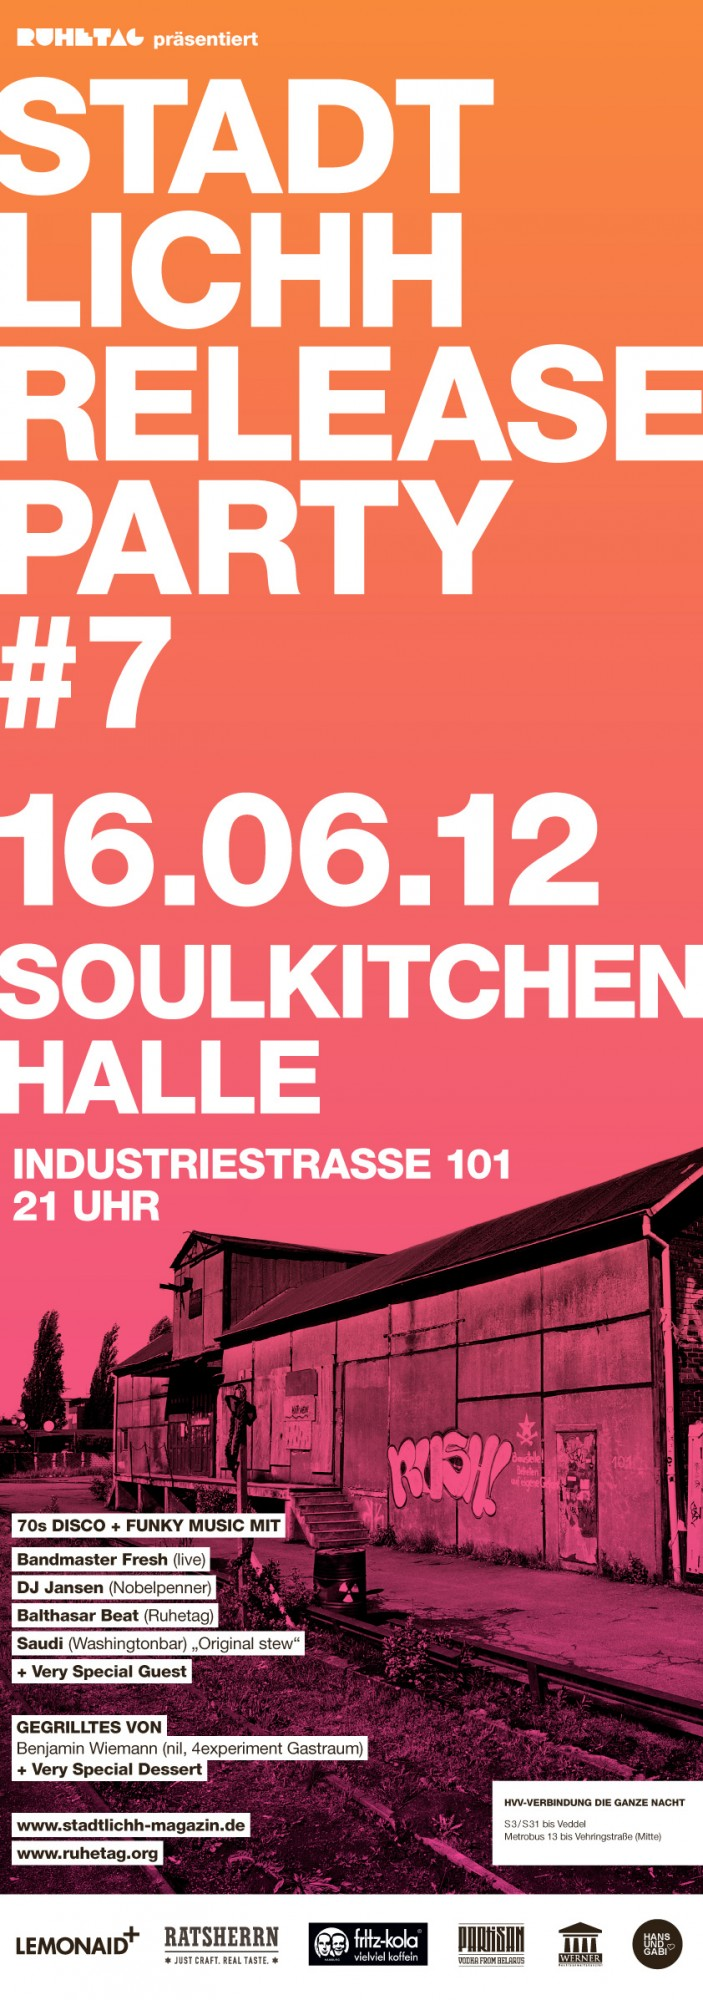 Stadtlichh Release Party in der Soul Kitchen Halle